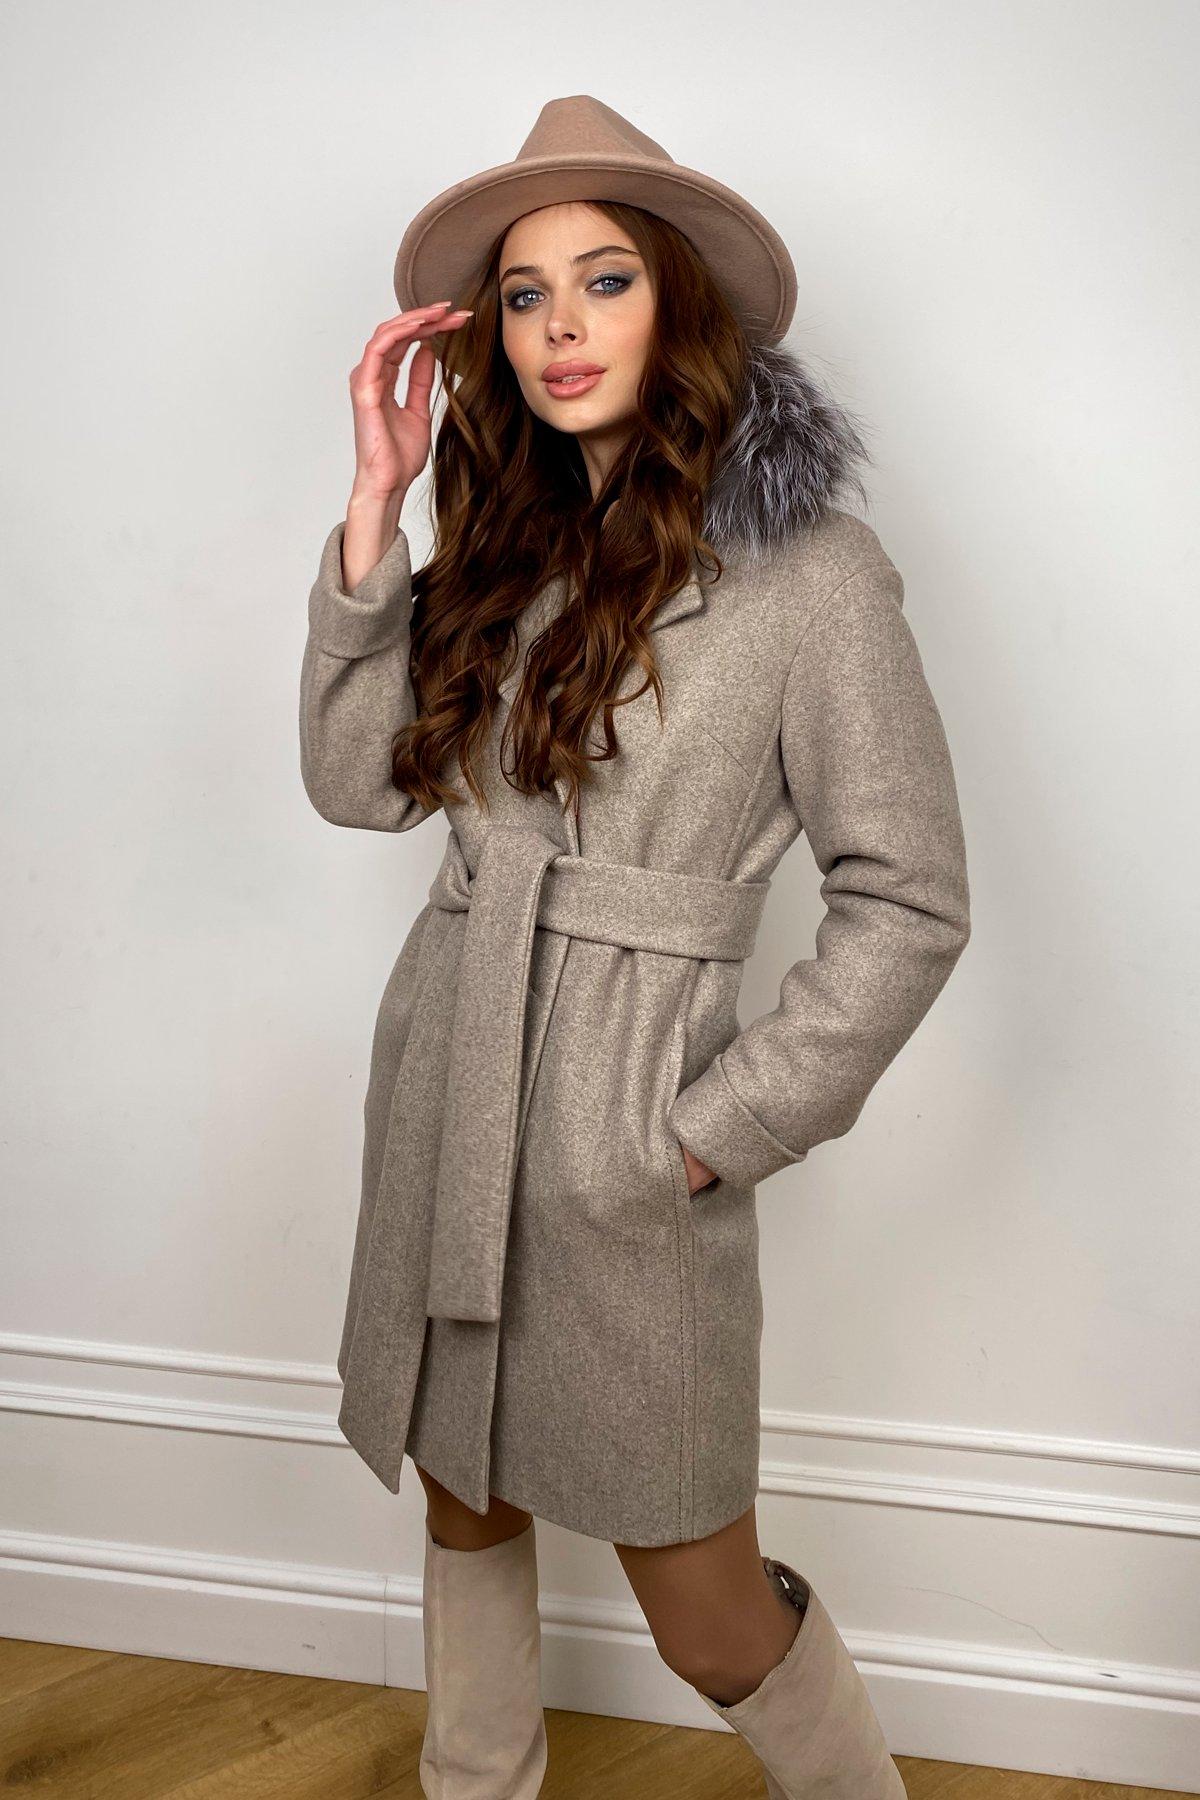 Купить пальто женское недорого от Modus Пальто зима Приора 5668